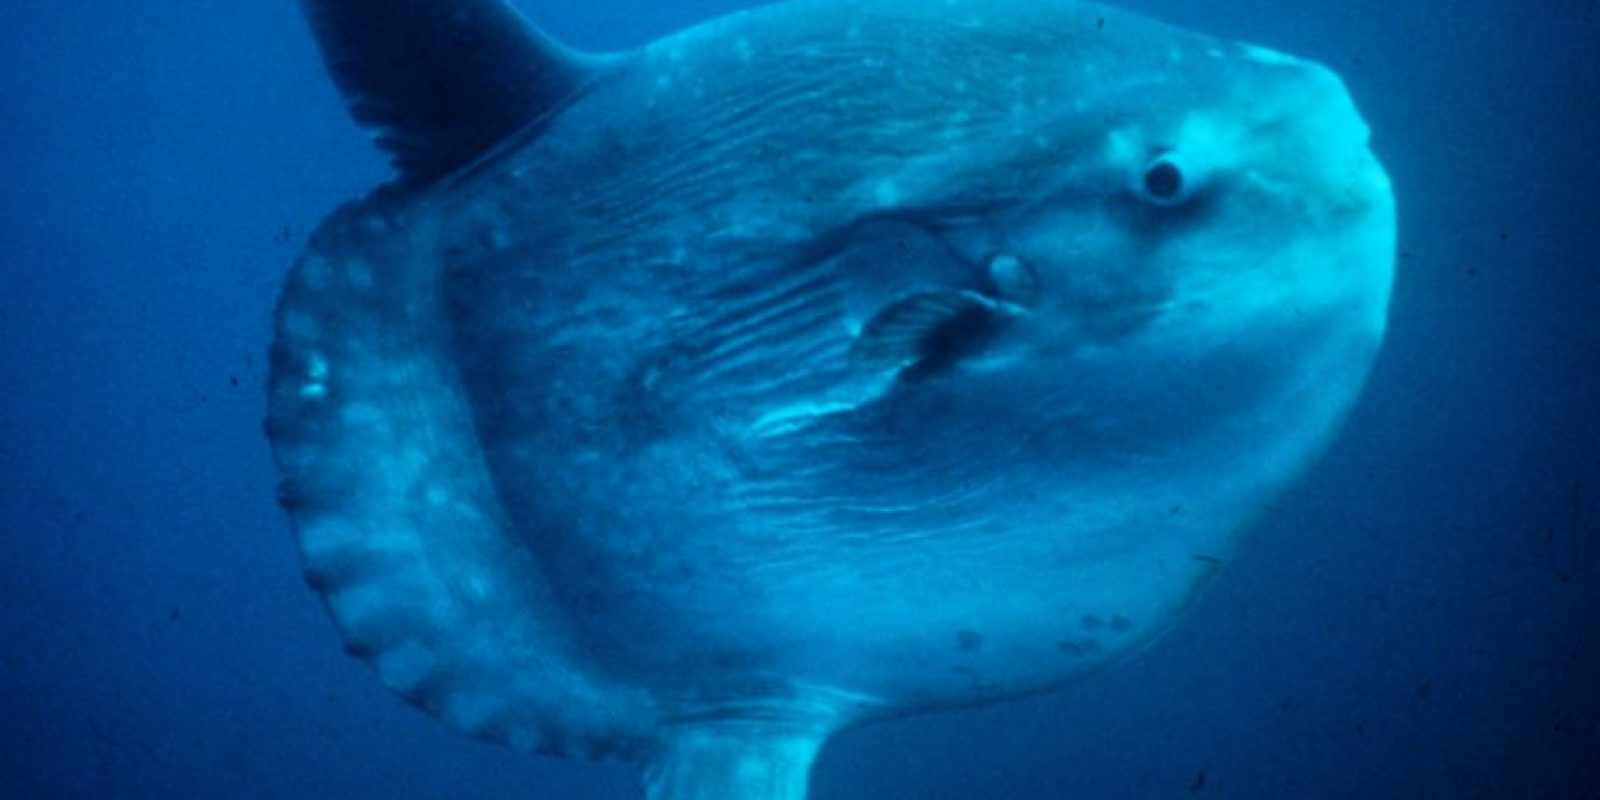 Es una especie cosmopolita que habita en aguas tropicales y templadas a lo largo de todo el planeta Foto:Wikicommons